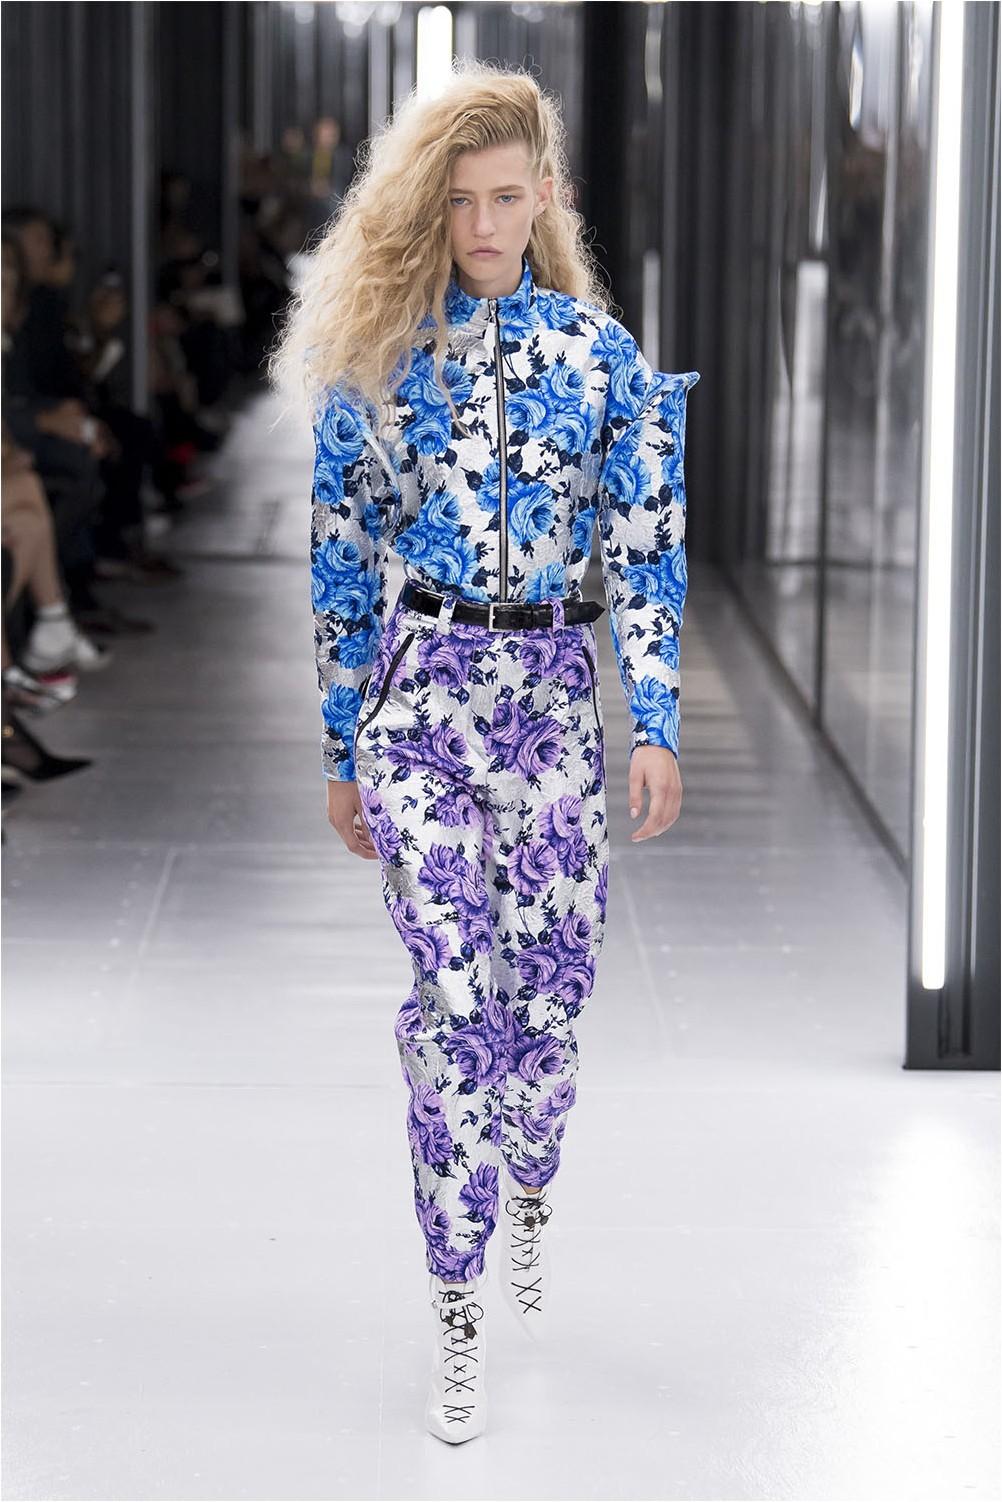 Floral print Louis Vuitton